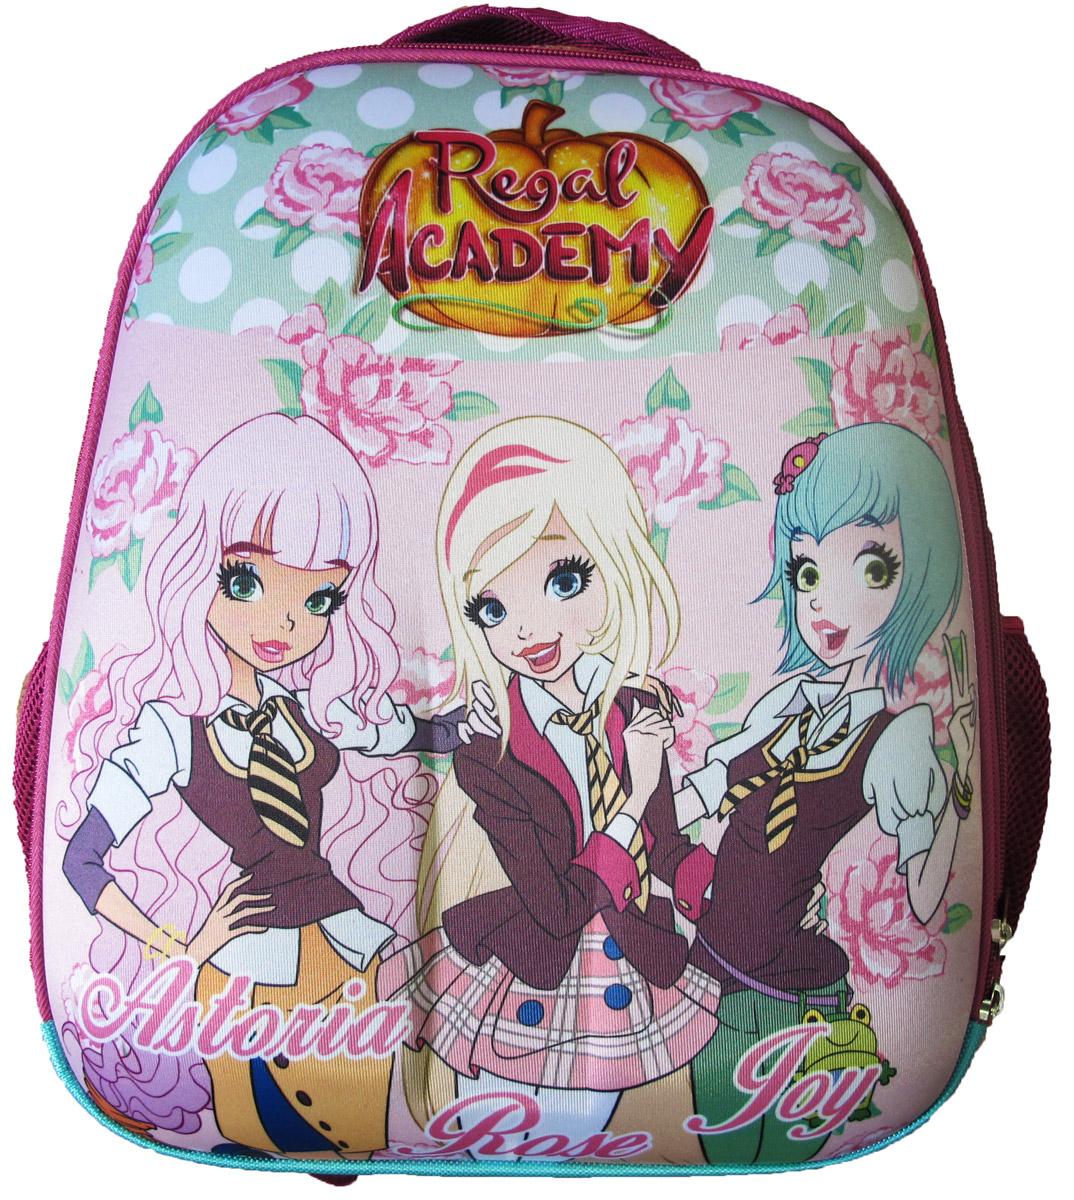 Centrum Рюкзак Regal Academy regal academy reg00300 королевская академия кукла джой 30 см